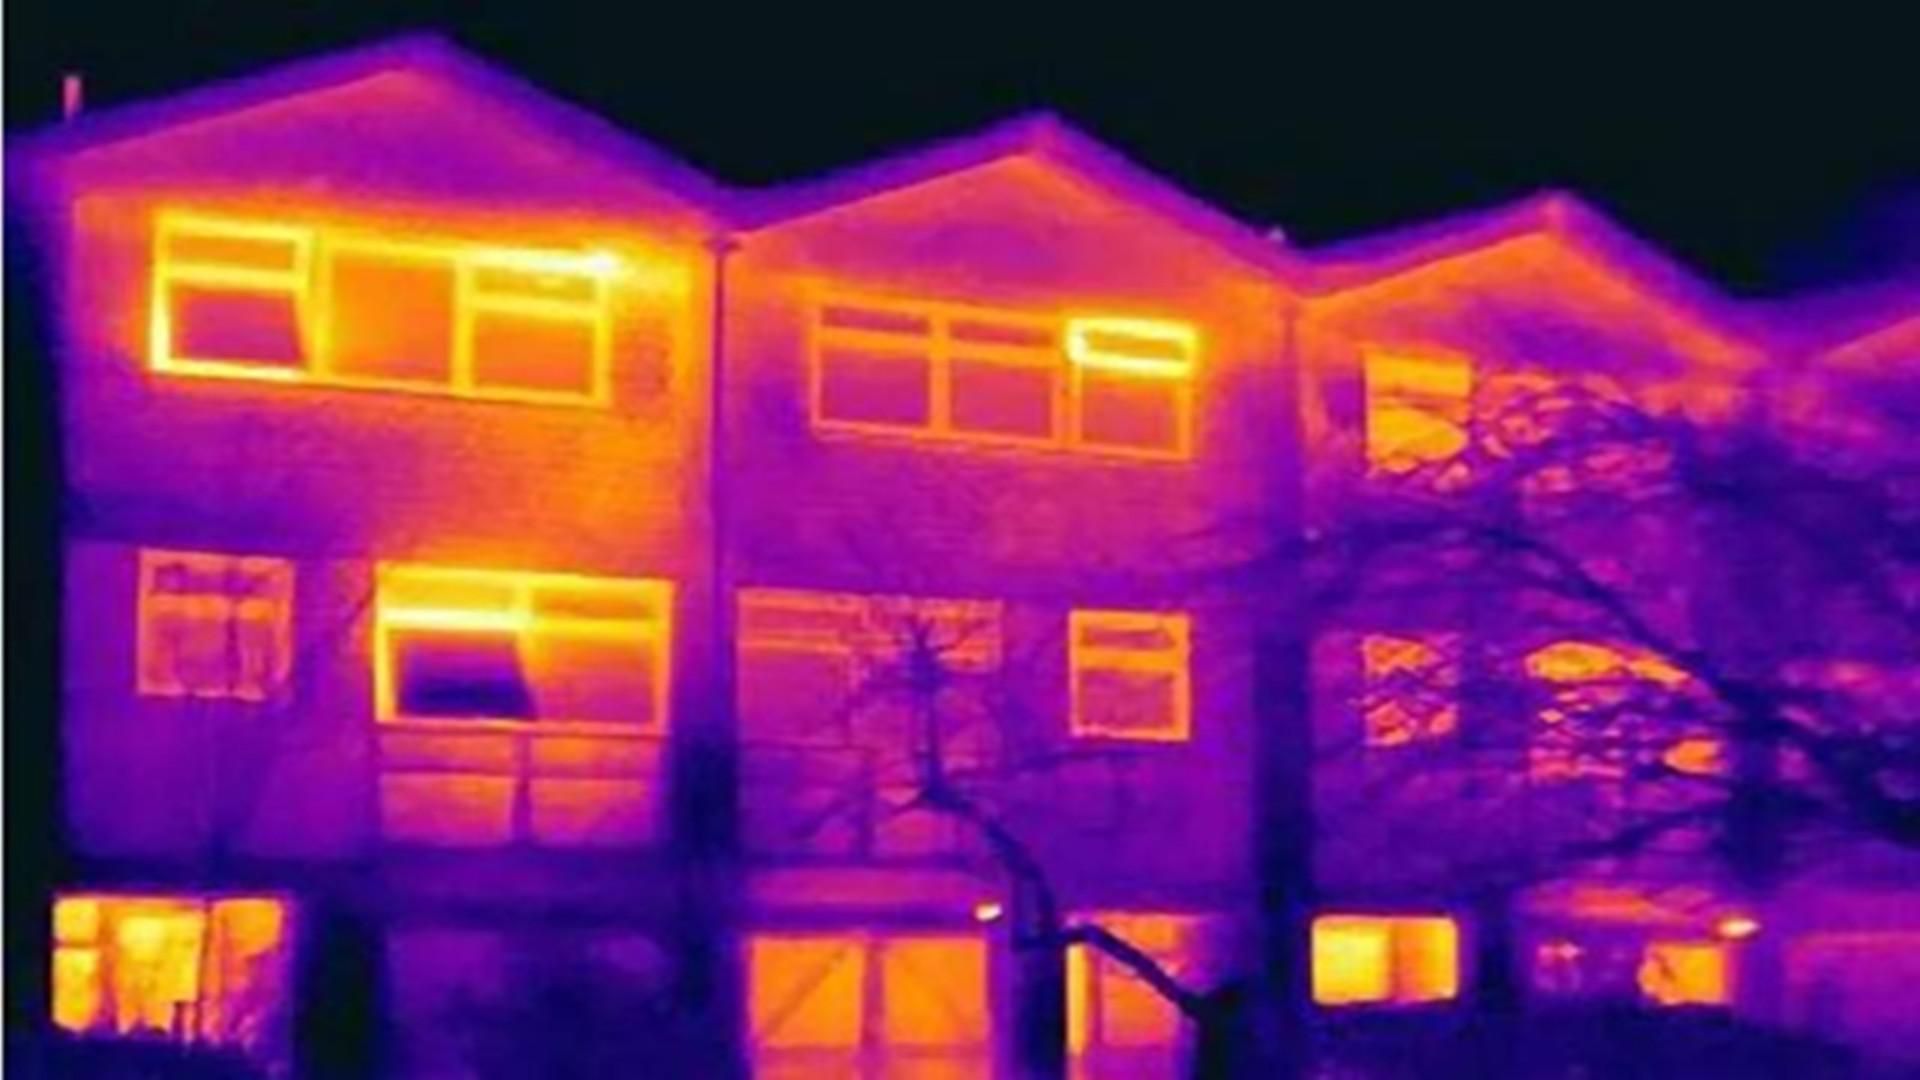 有效减少房屋热损失? 绿色环保节保温材料帮忙